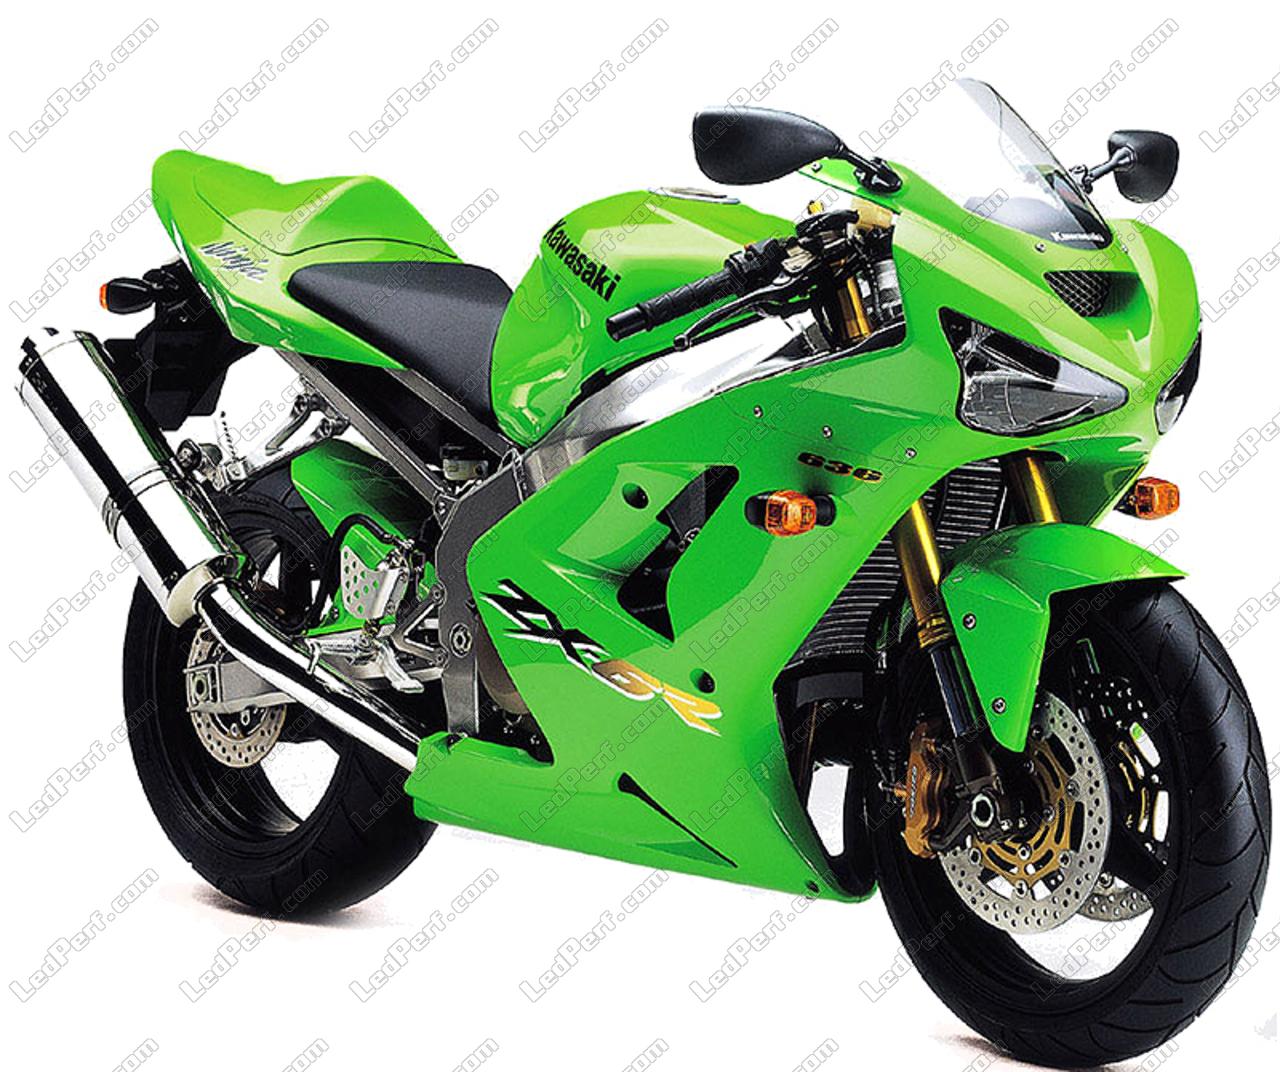 Pack Front Led Turn Signal For Kawasaki Ninja Zx 6r 636 2003 2004